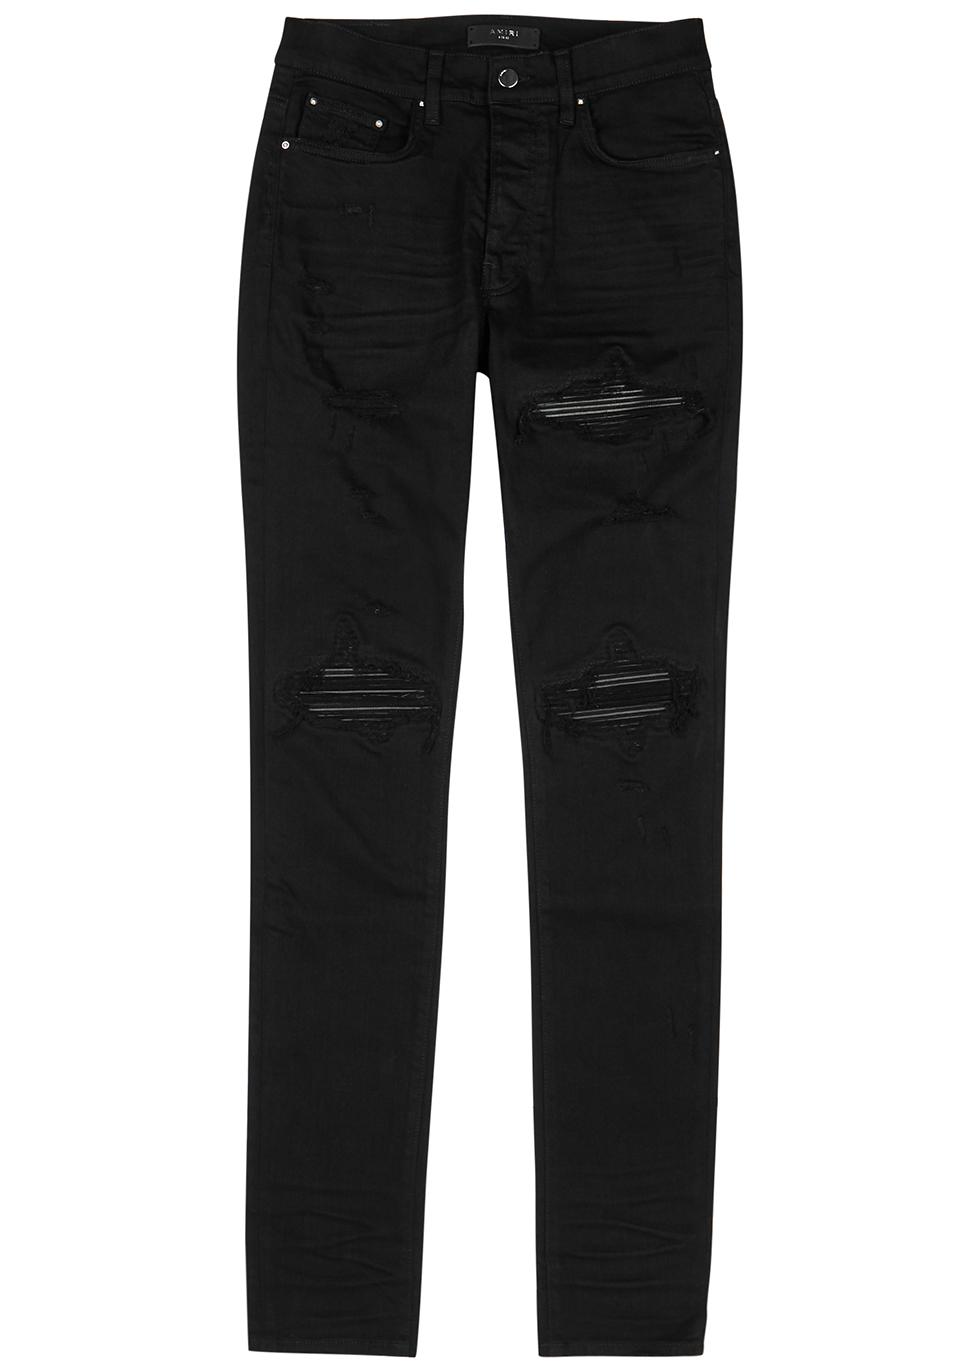 MX1 black skinny jeans